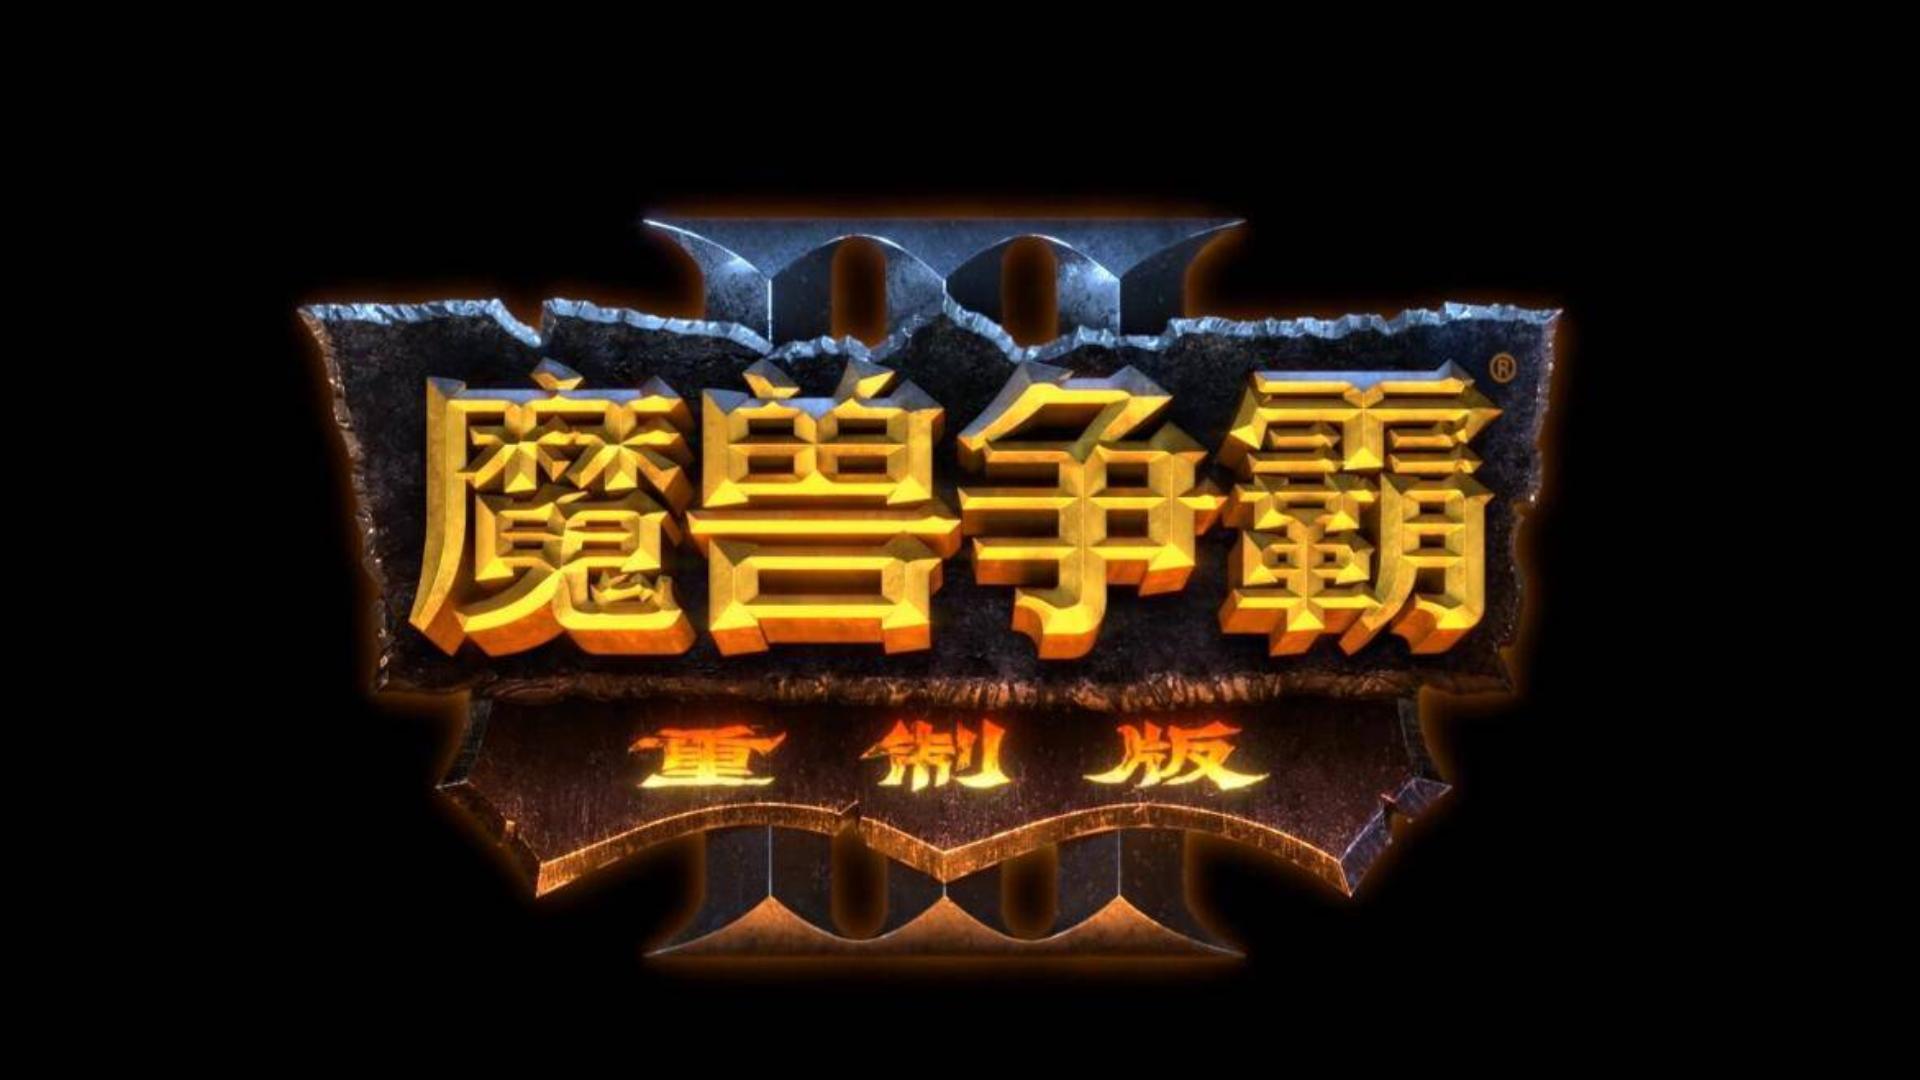 【魔兽争霸3重置版】兽族序章篇——混乱之治开场CG与过场片段